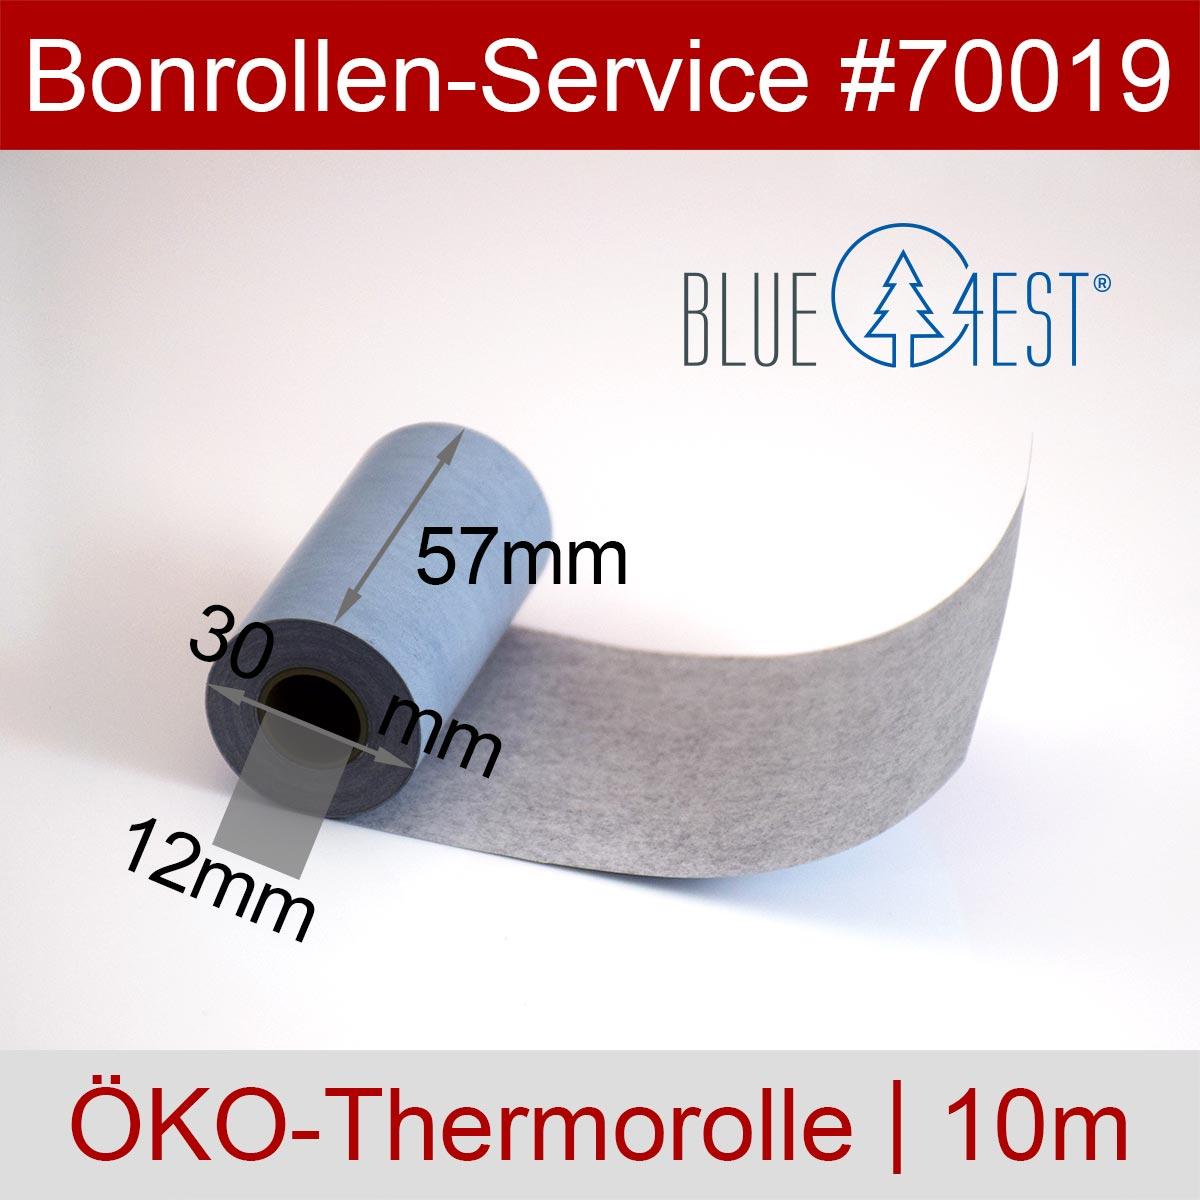 Thermorollen Blue4est 57 / 10m / 12 blau - Detailansicht